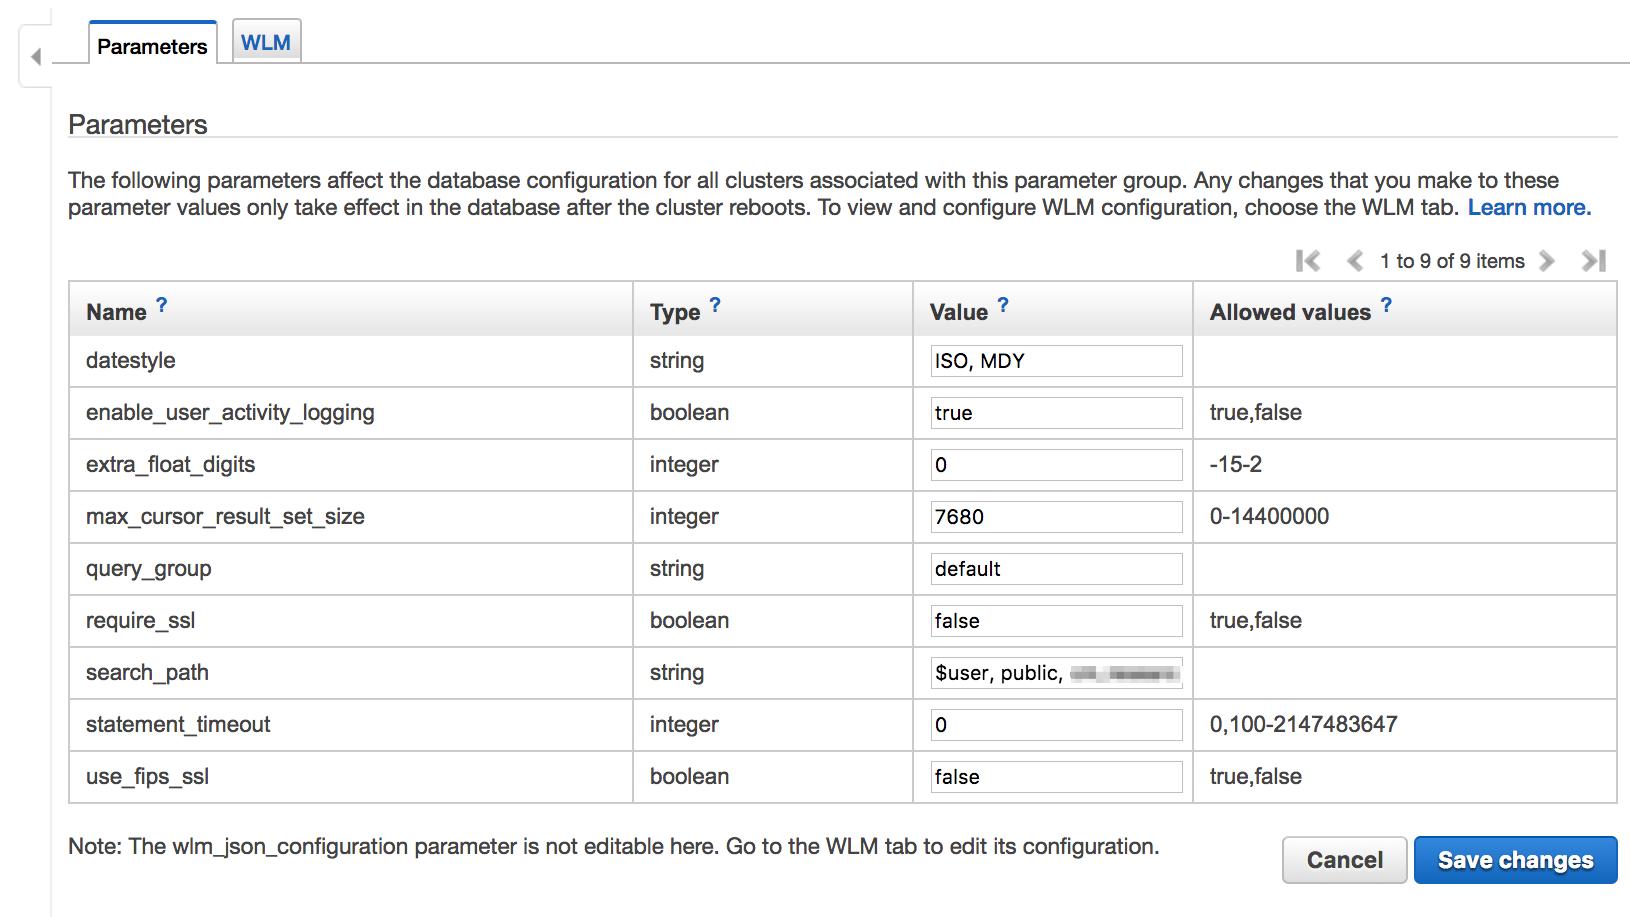 redshift-uppsercase-column-name_01